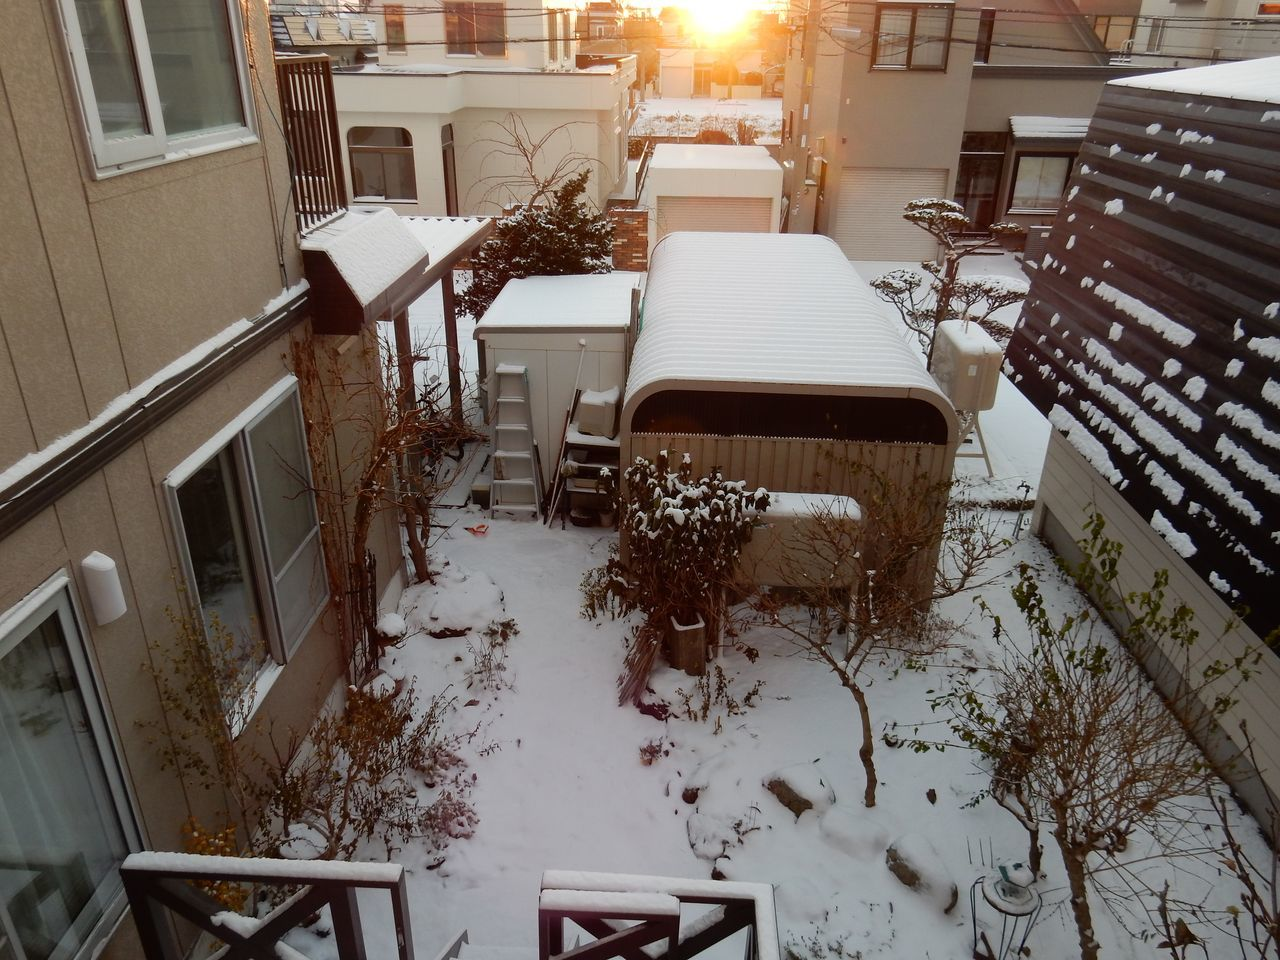 真冬日に猛吹雪がやってきた_c0025115_21353518.jpg